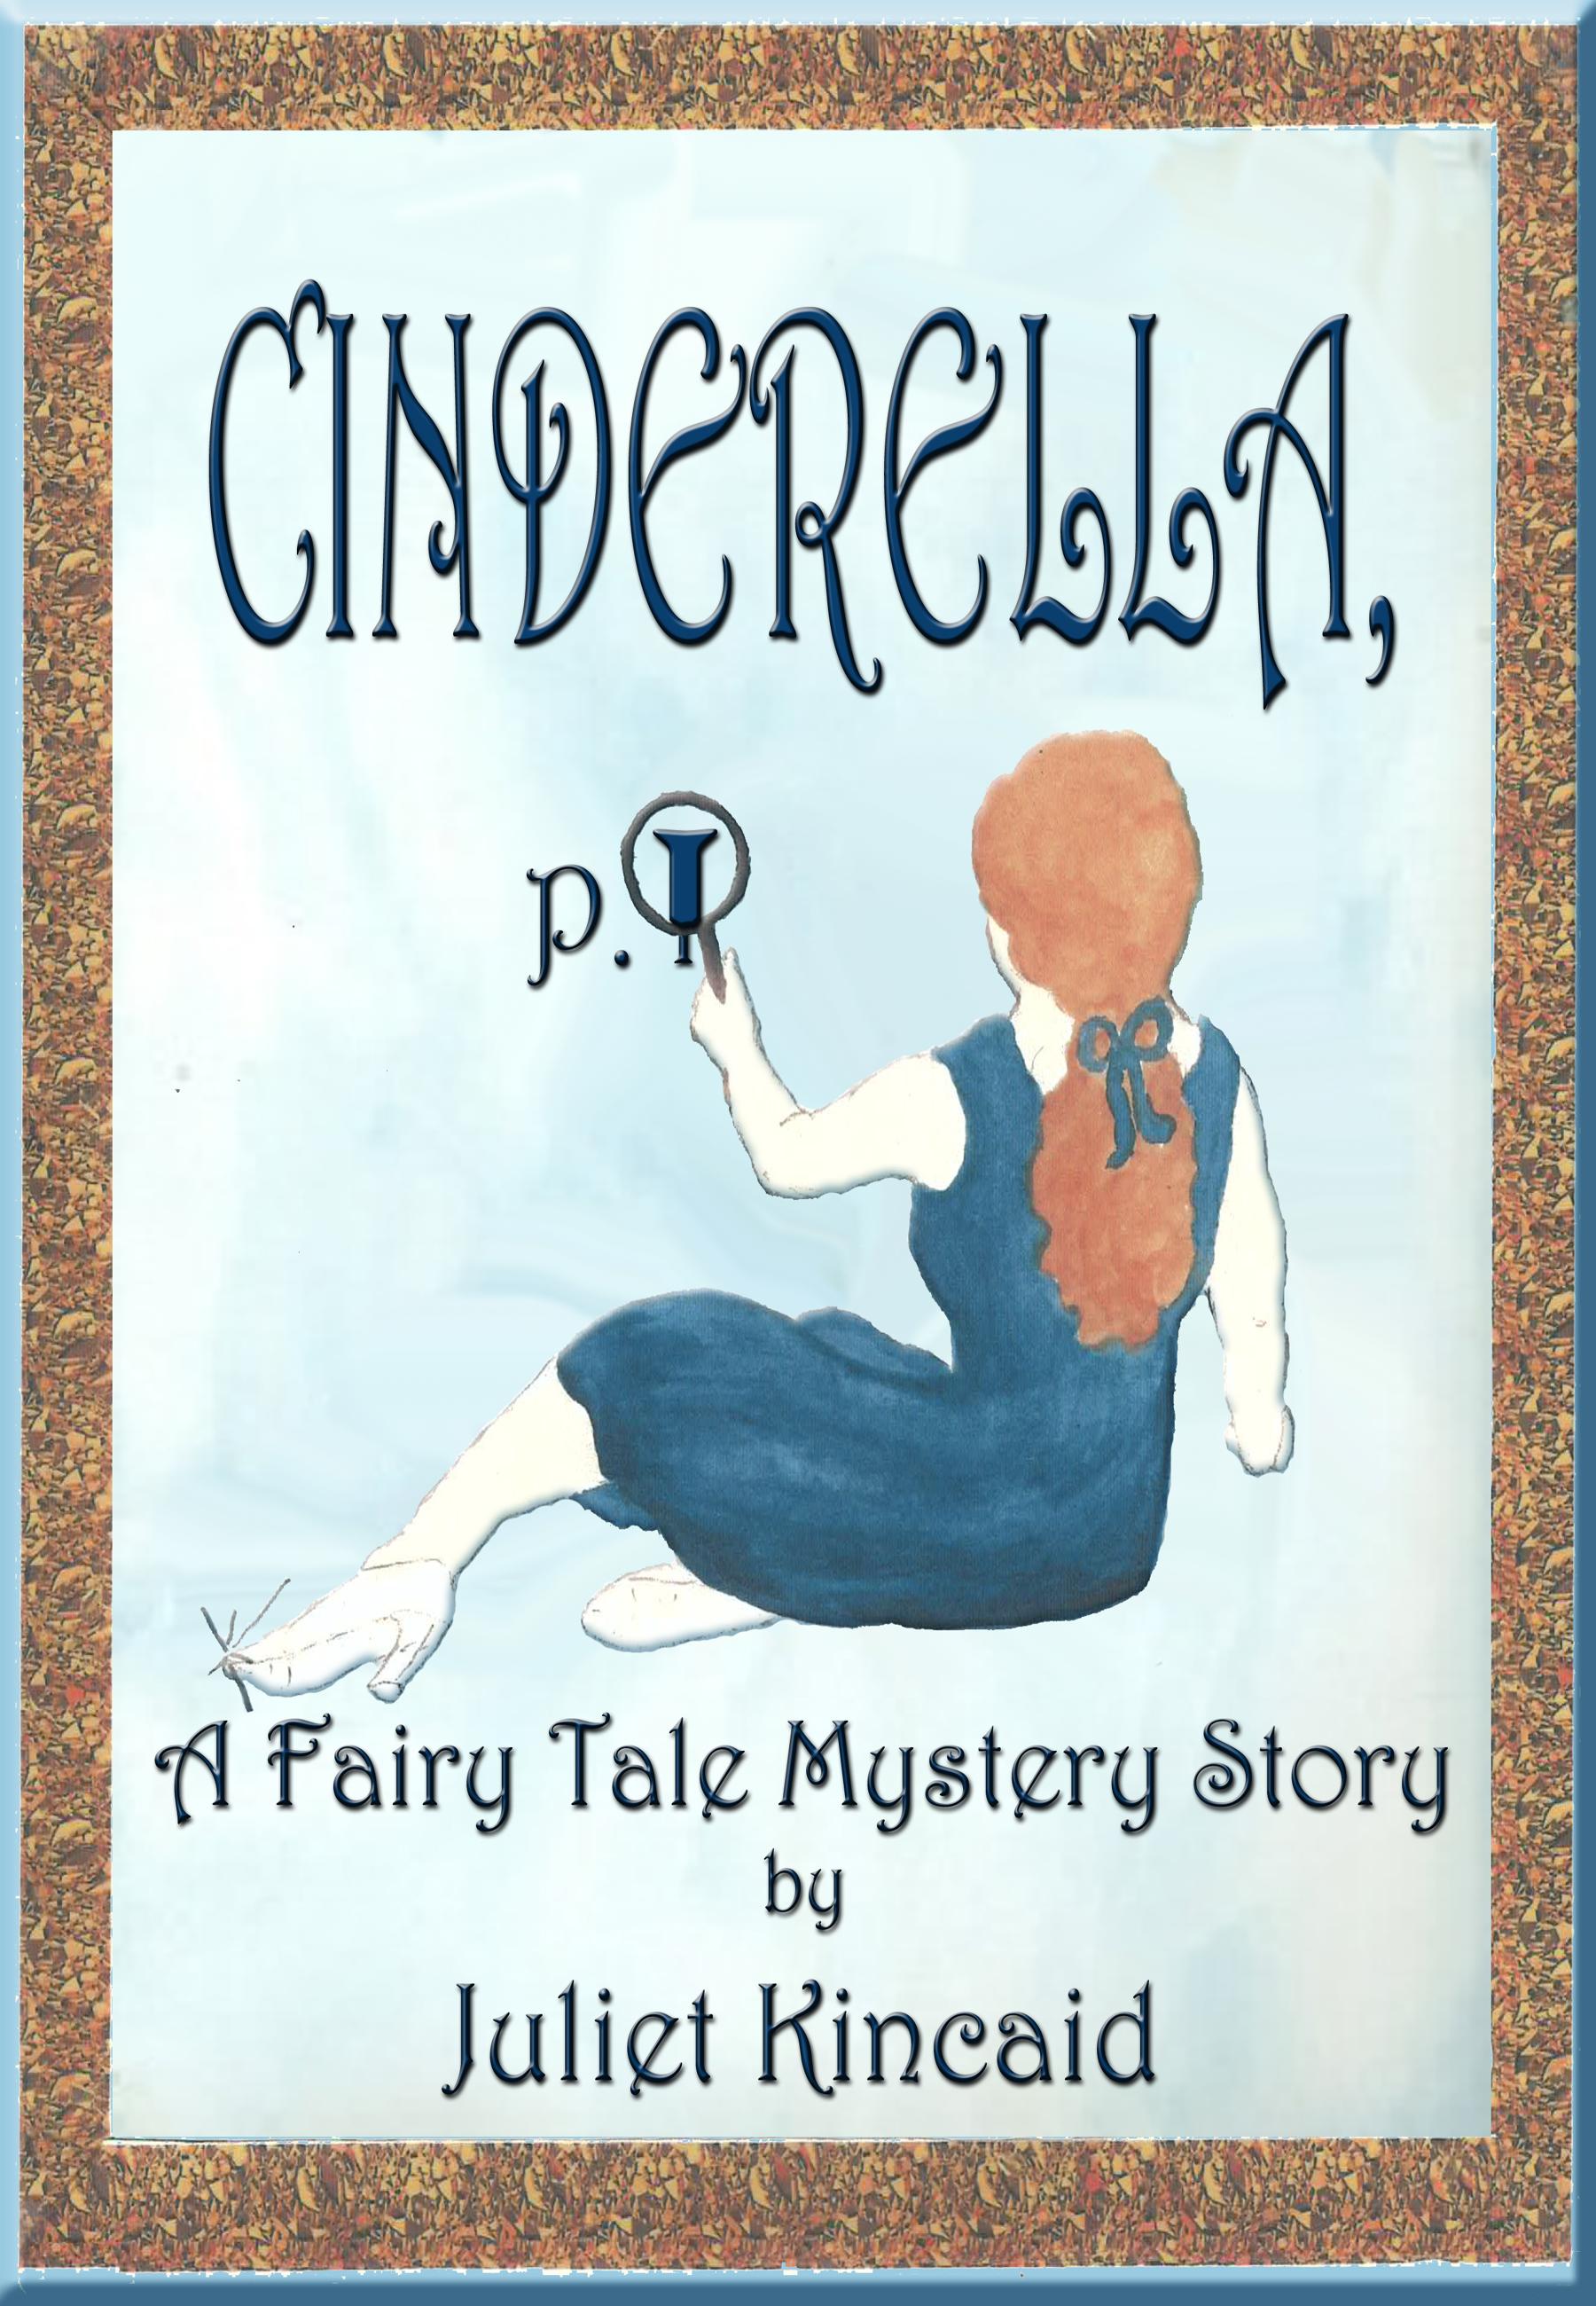 Cinderella PI Kindle Cover 2-4-2013b